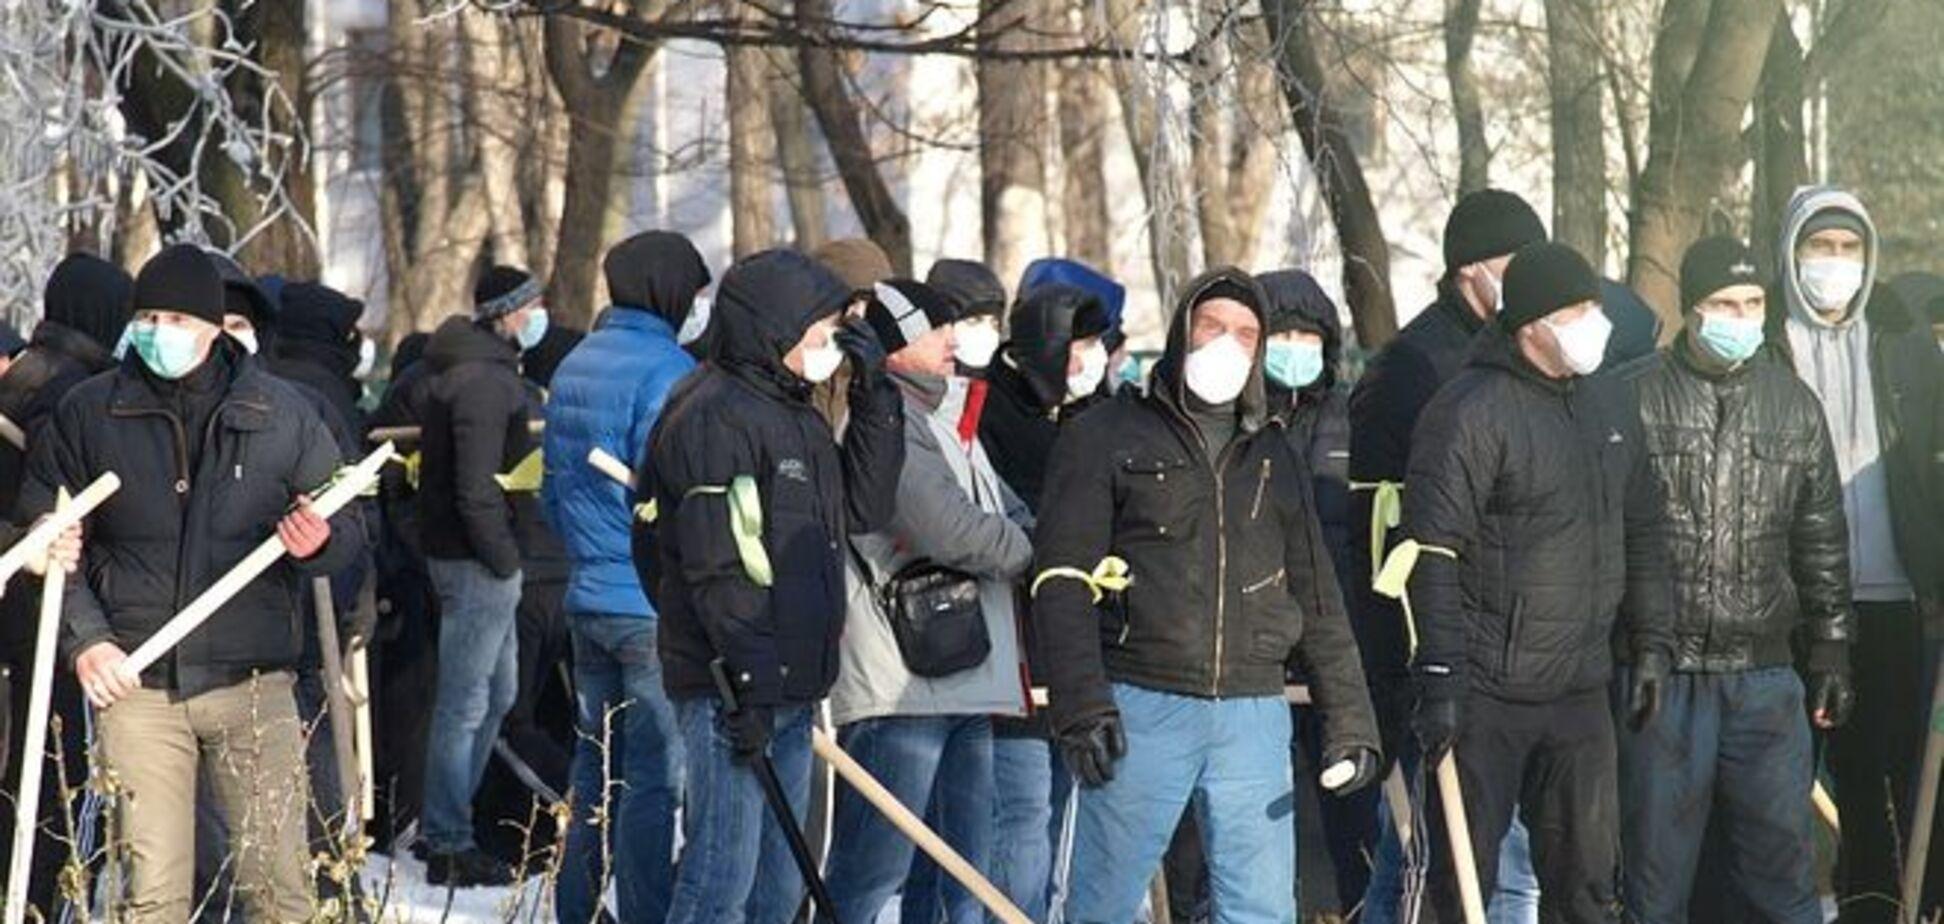 ГПУ підозрює чотирьох 'тітушек' у побитті майданівців